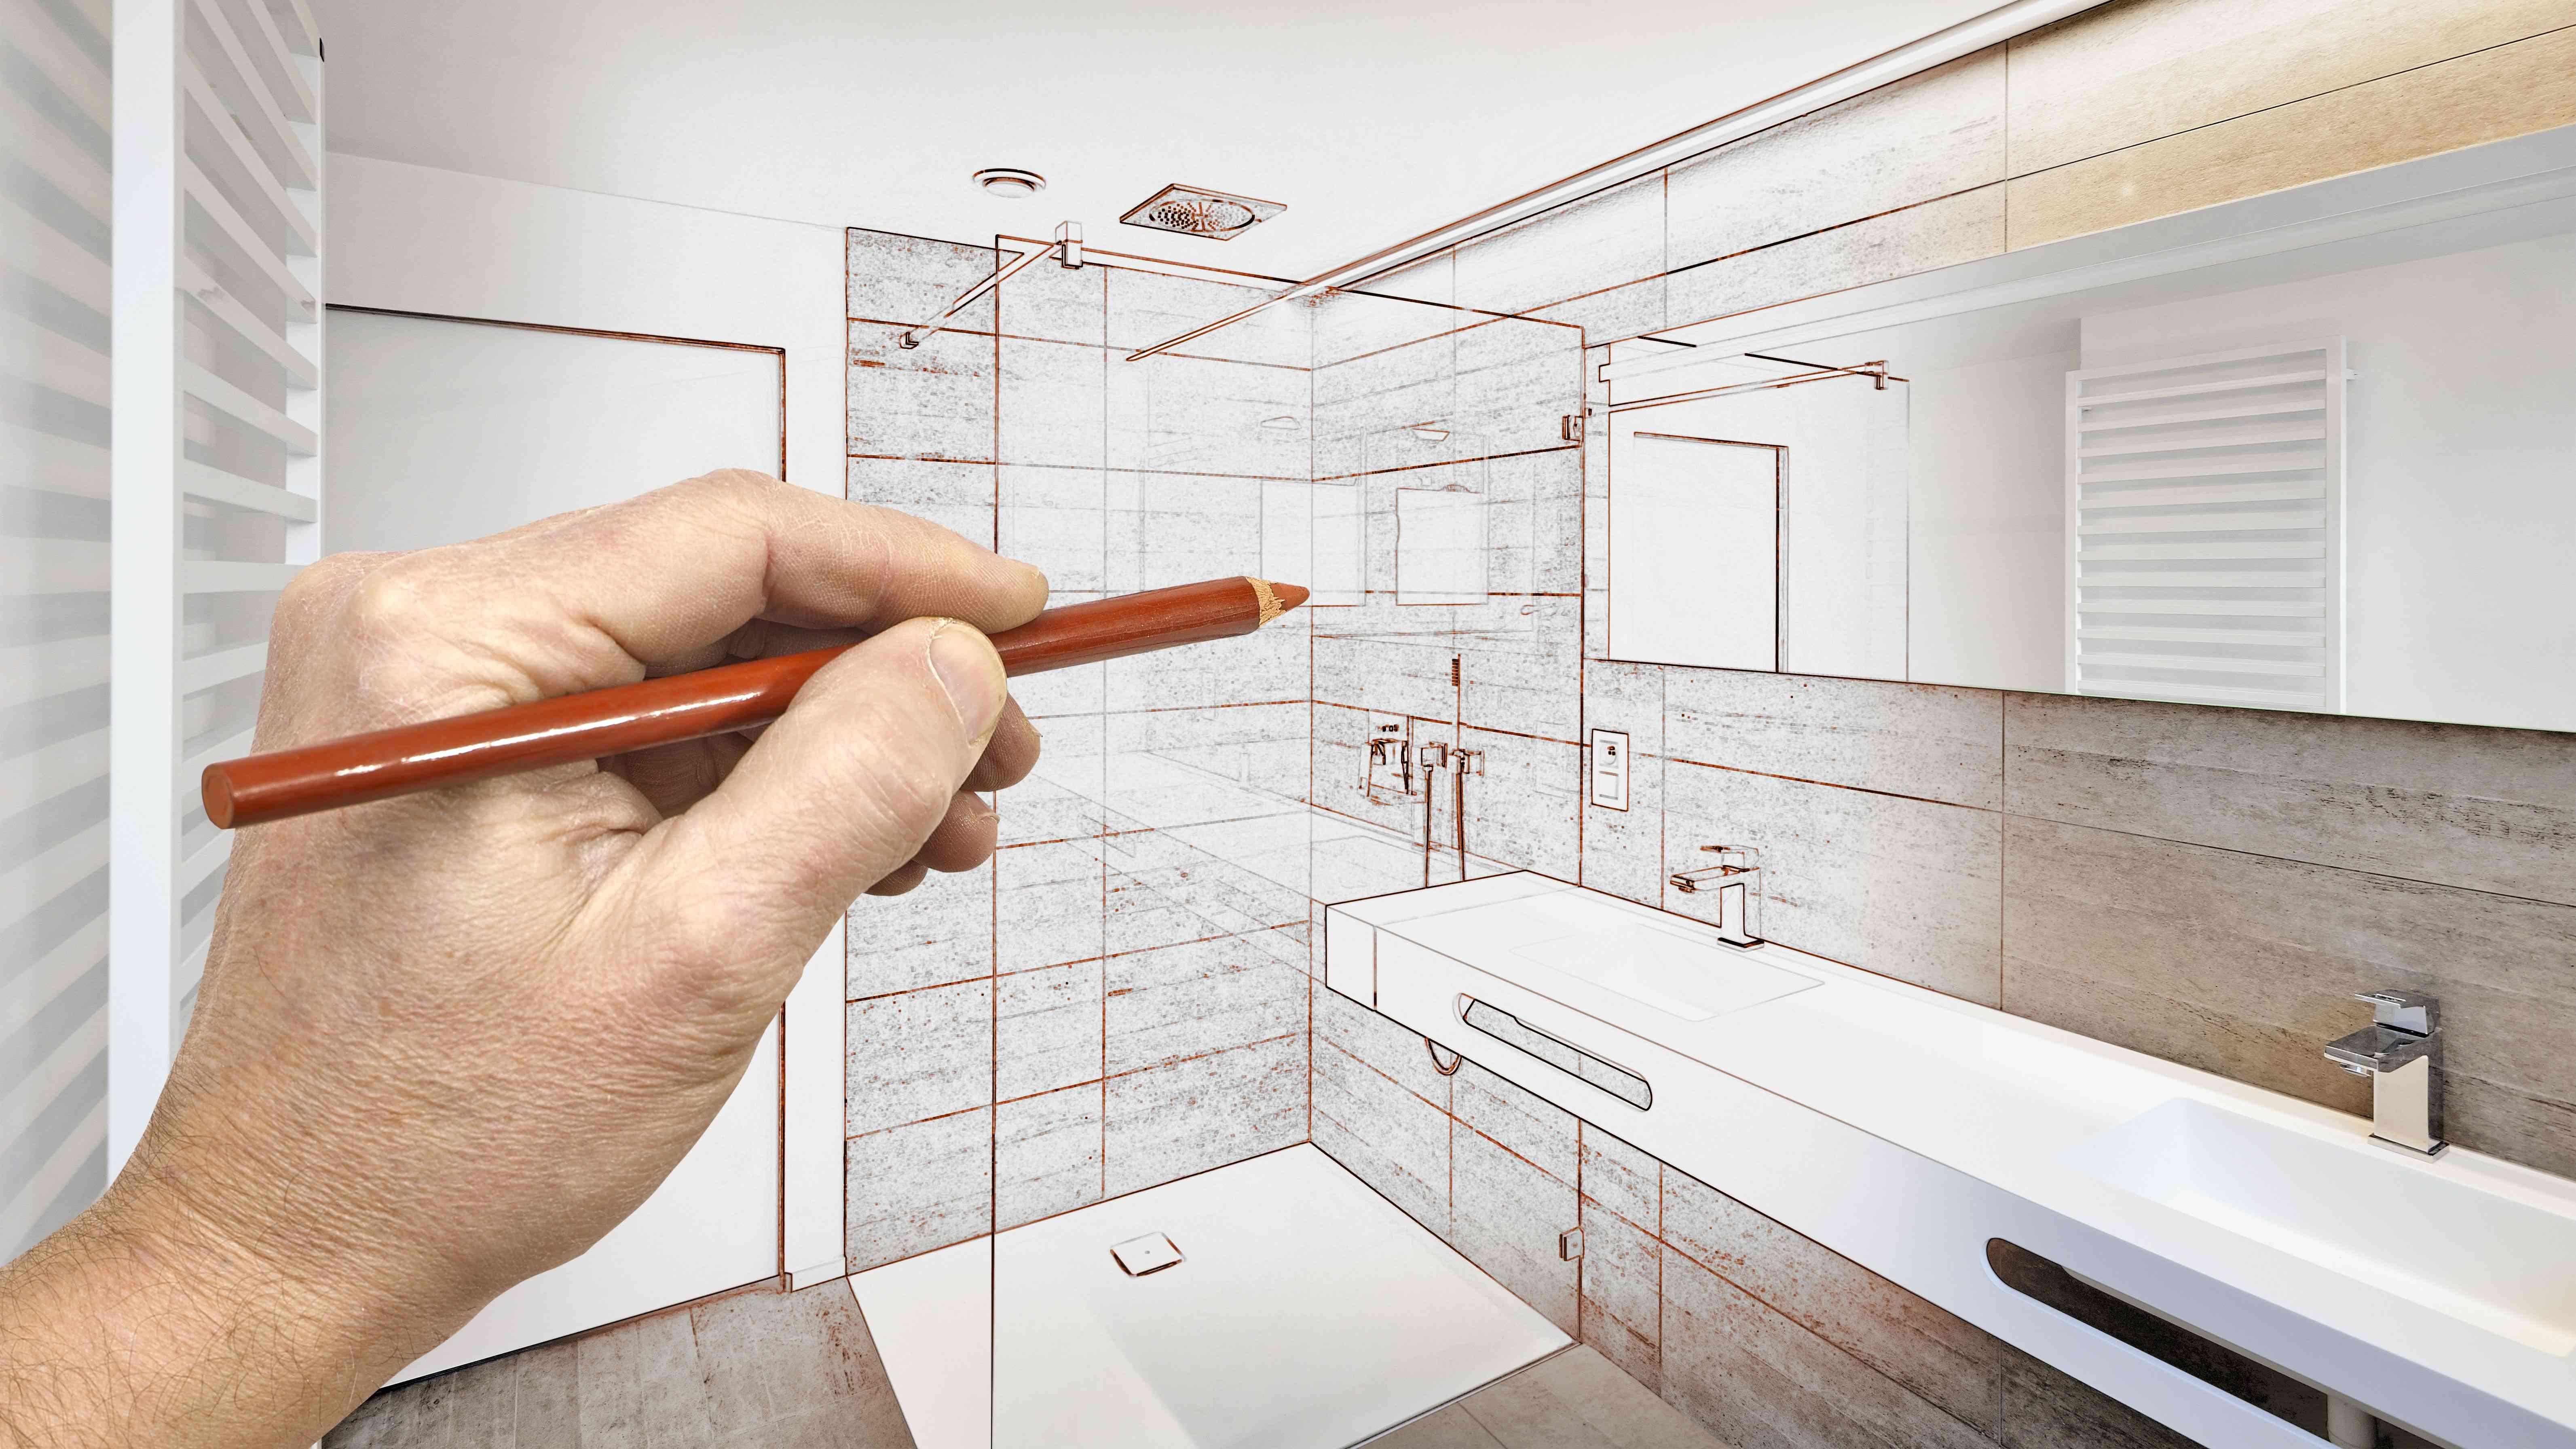 Baignoire vs douche  : que choisir pour votre salle de bains